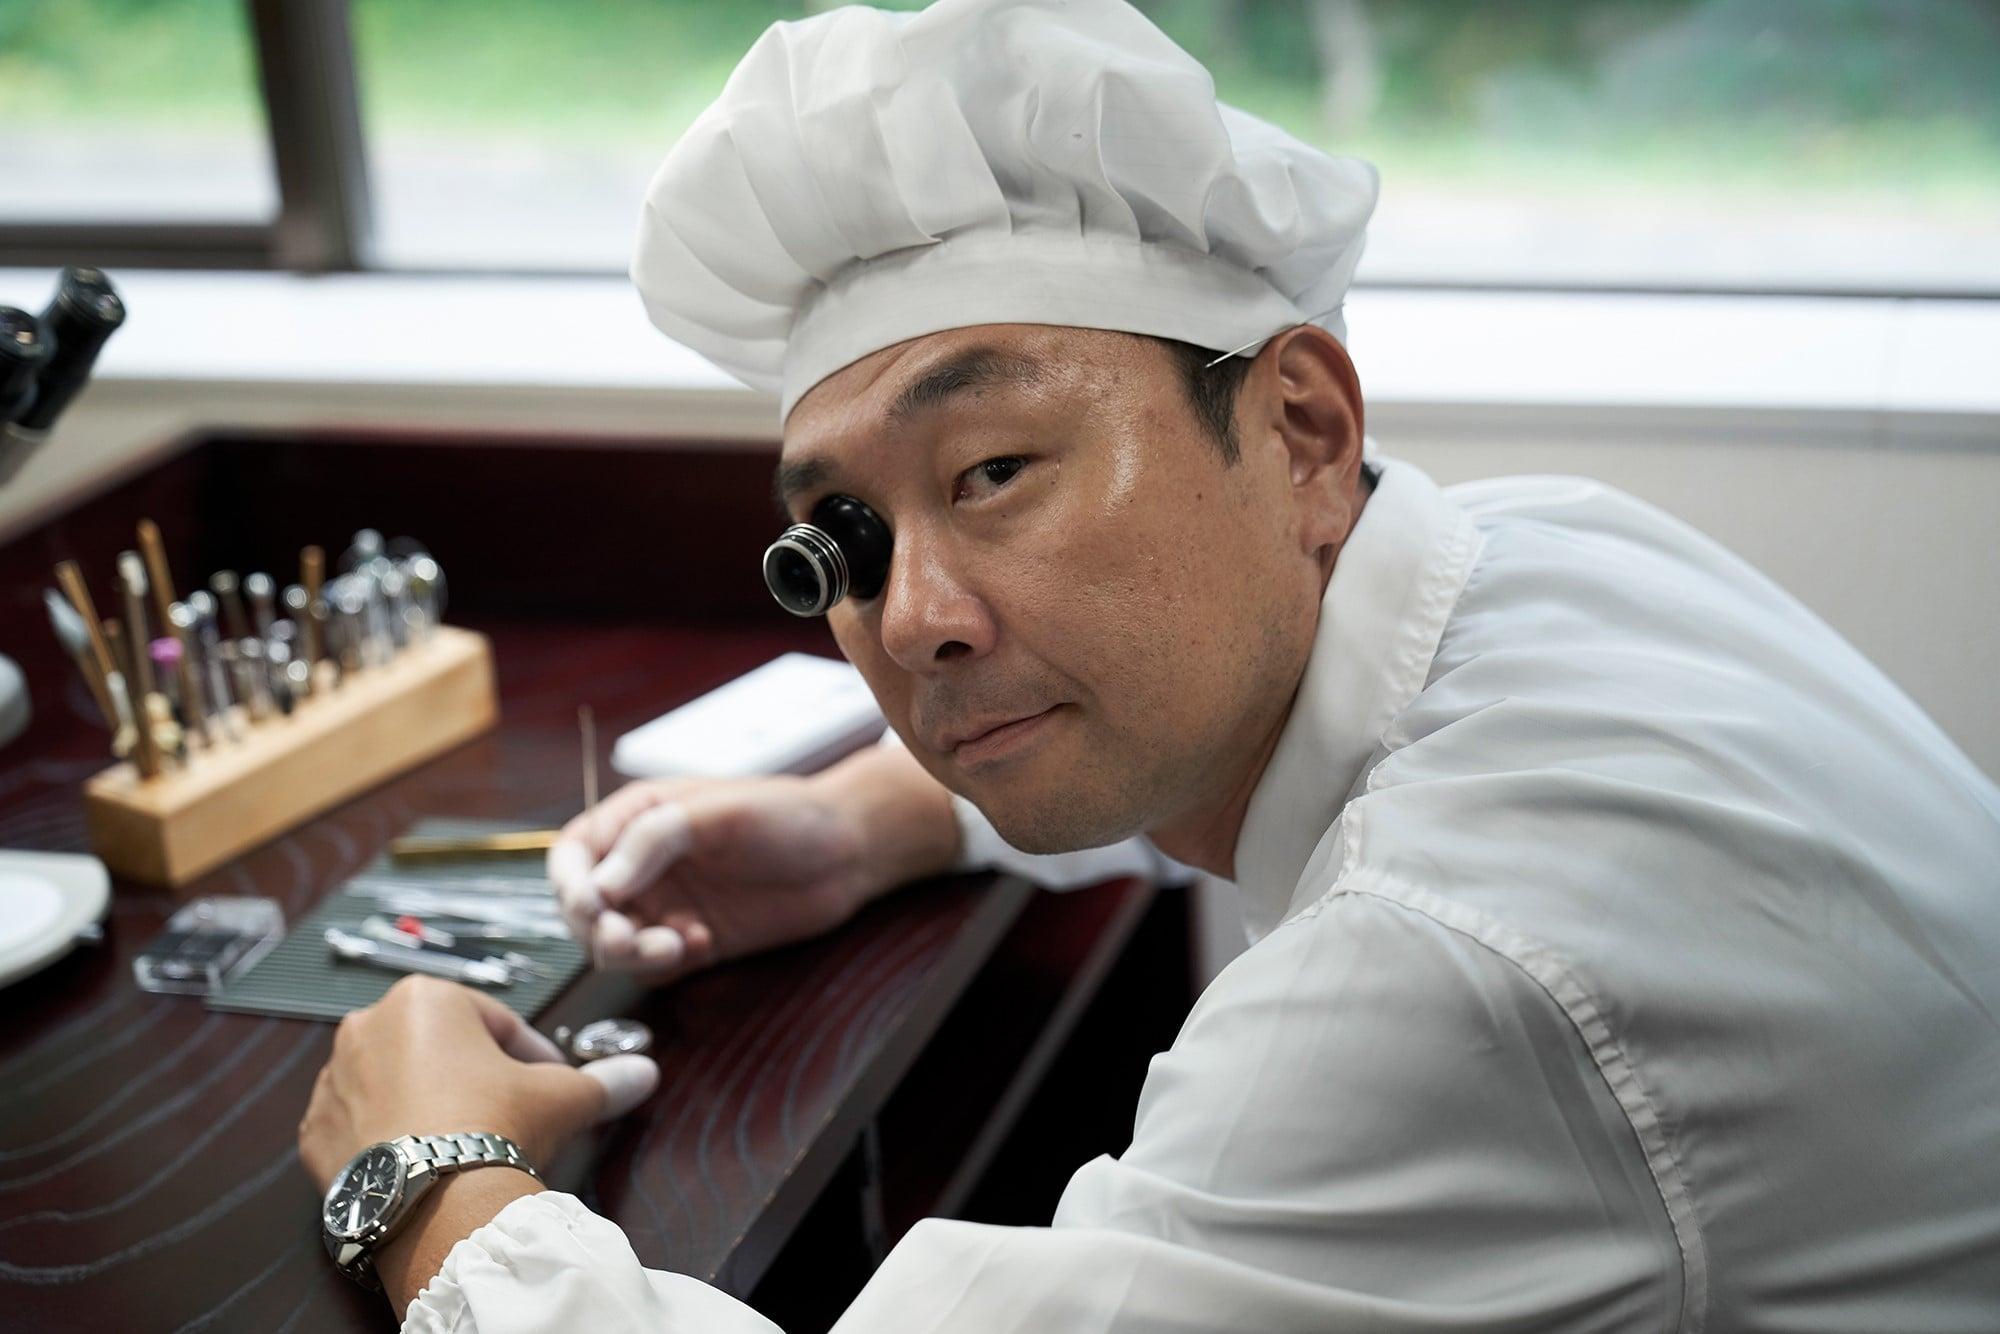 1991年に入社後、すぐ頭角を現した伊藤勉。2000年には雫石高級時計工房の前身である高級品製造職場へ移動して「グランドセイコー」を担当。ひげぜんまいの調整からはじまり、9Sムーブメント全体の組み立て・調整などを手掛ける。機械式時計の技能認定として最難関である「IWマイスター」に合格後は、グランドセイコー機械式時計の組み立て・調整師として、第一線で手腕を発揮している。